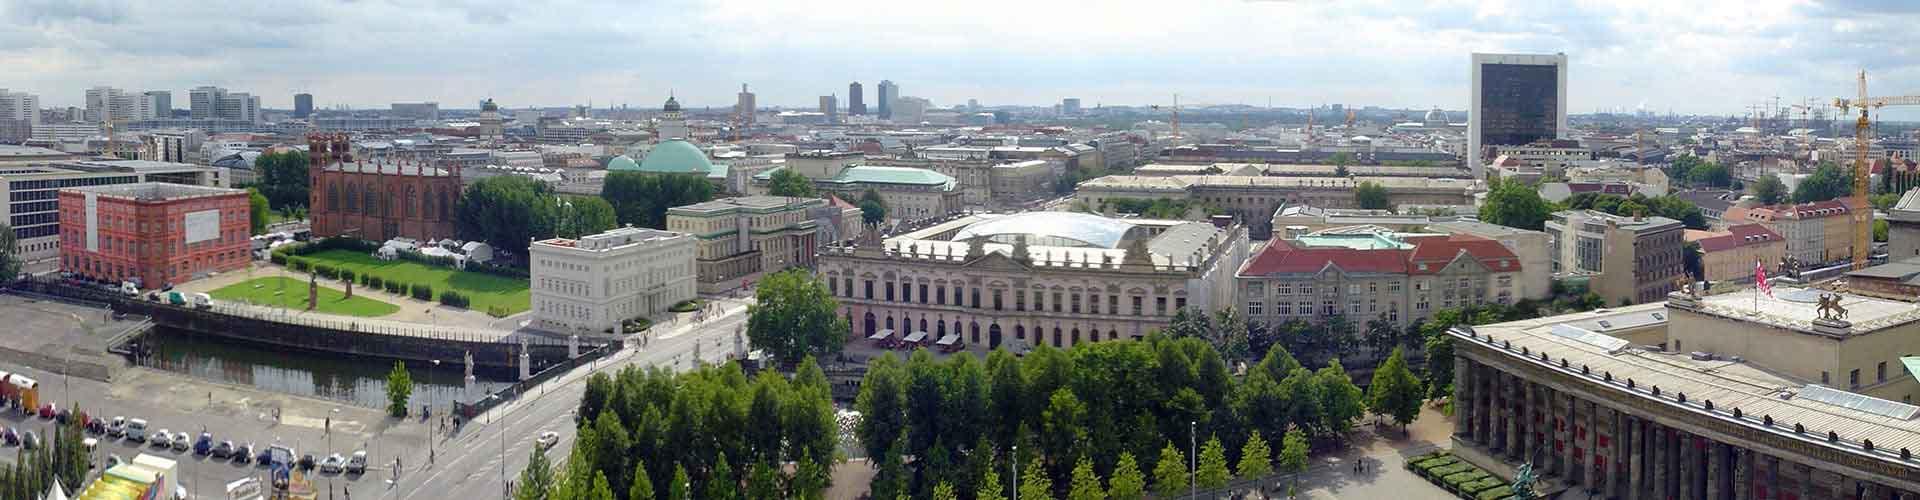 베를린 - Mitte지역에 위치한 호텔. 베를린의 지도, 베를린에 위치한 호텔에 대한 사진 및 리뷰.